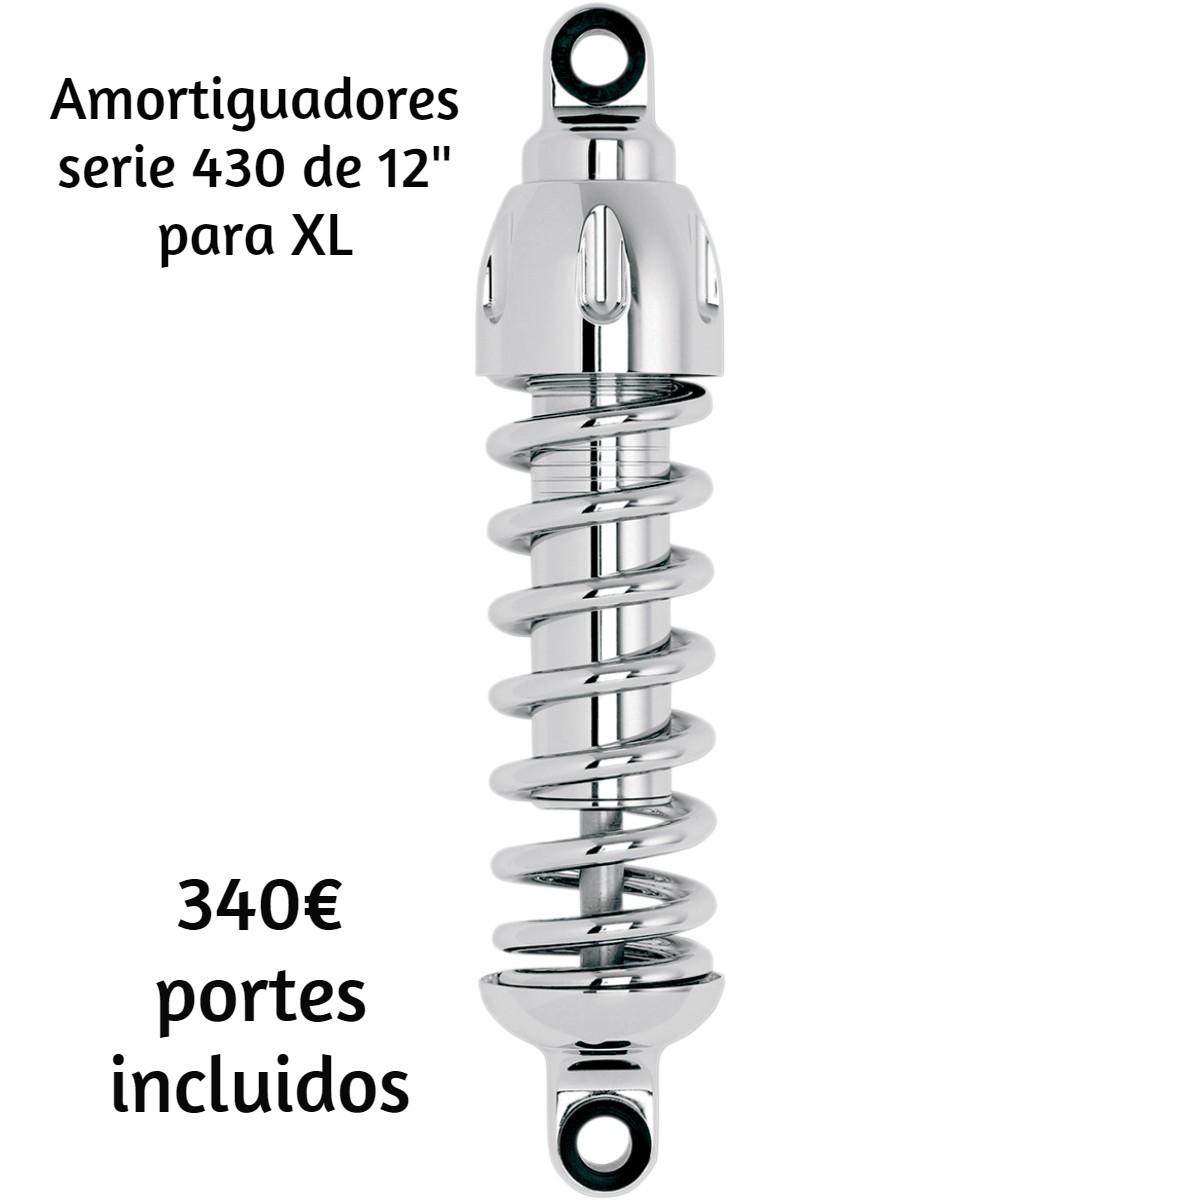 amortiguador 13100558 portes